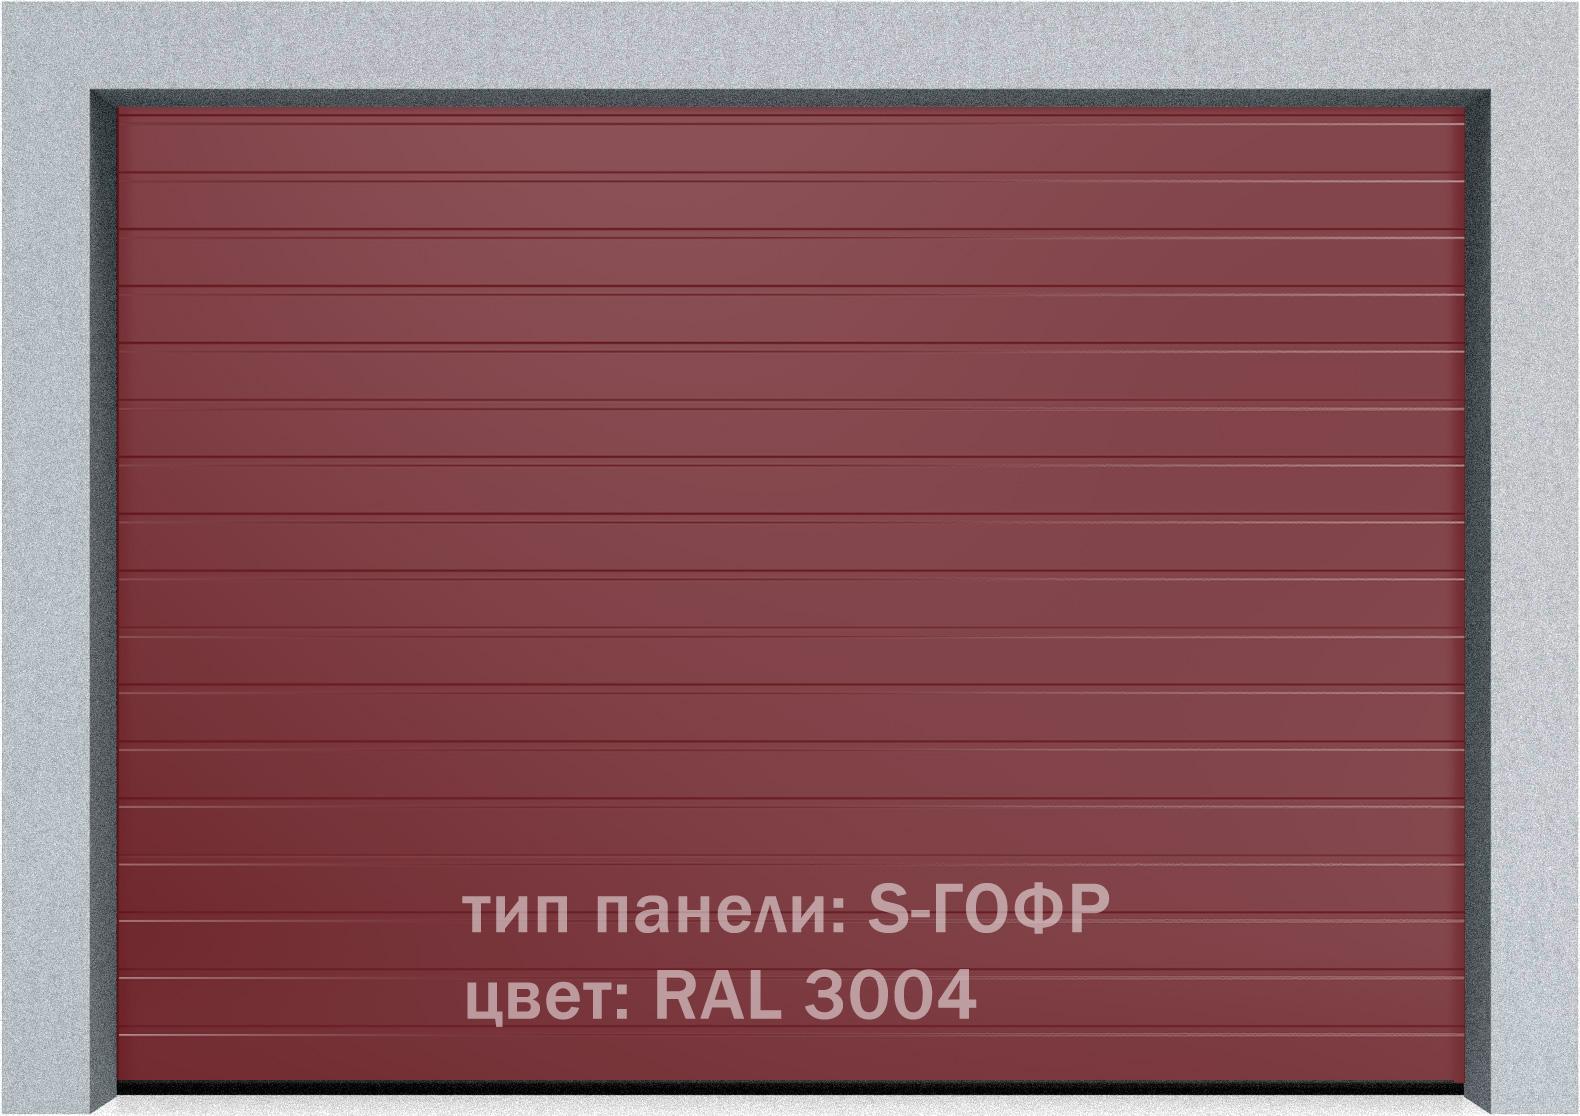 Секционные гаражные ворота Alutech Trend 1875x2250 S-гофр, Микроволна стандартные цвета, пружины растяжения, фото 5